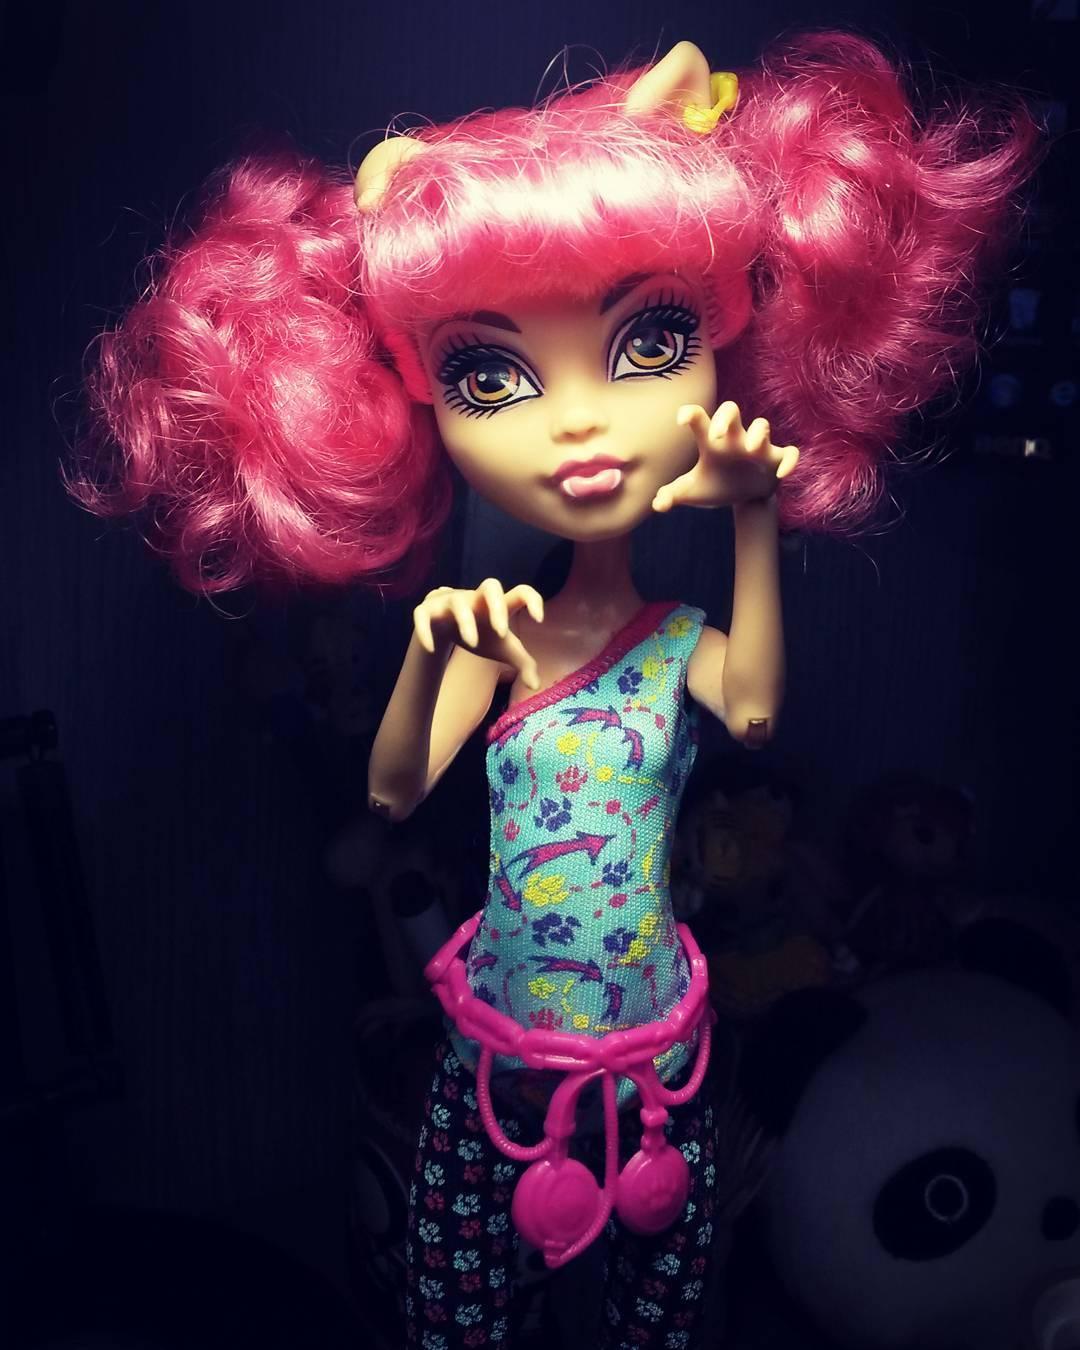 куклы монстер хай хаулин фото собрания